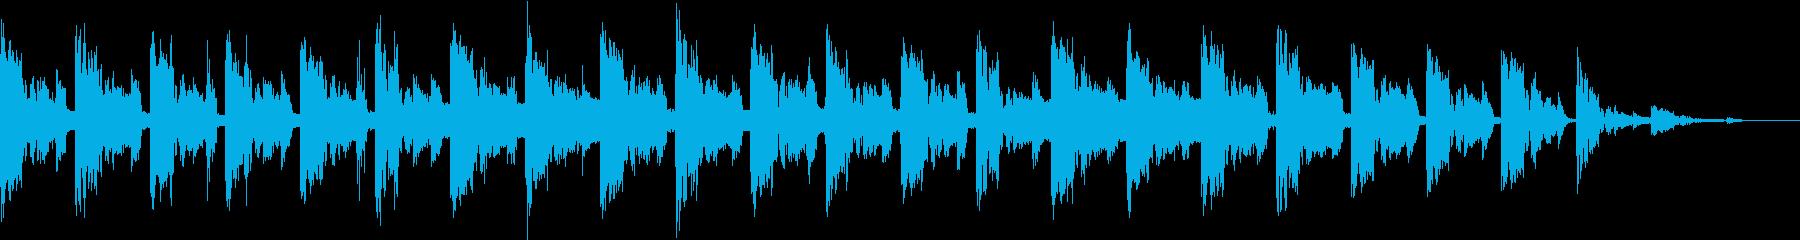 ニュースのオープニングに最適なジングル。の再生済みの波形